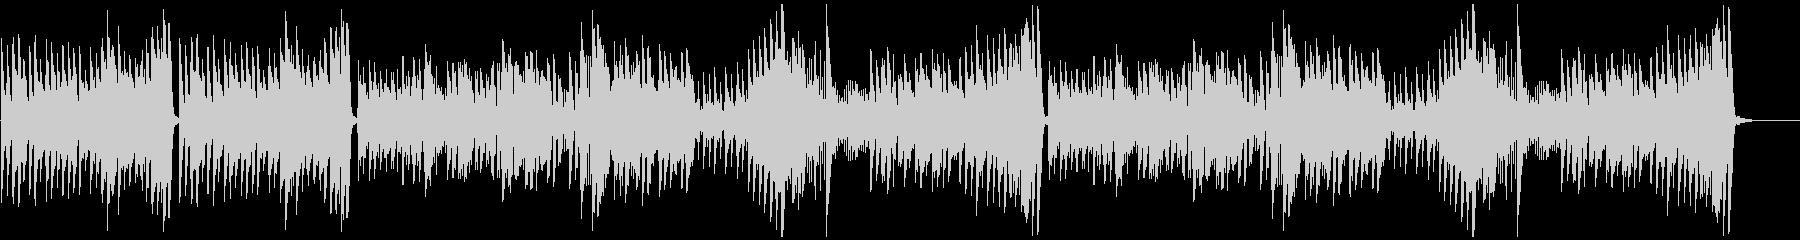 調理シーン等に最適のピアノソロ曲の未再生の波形